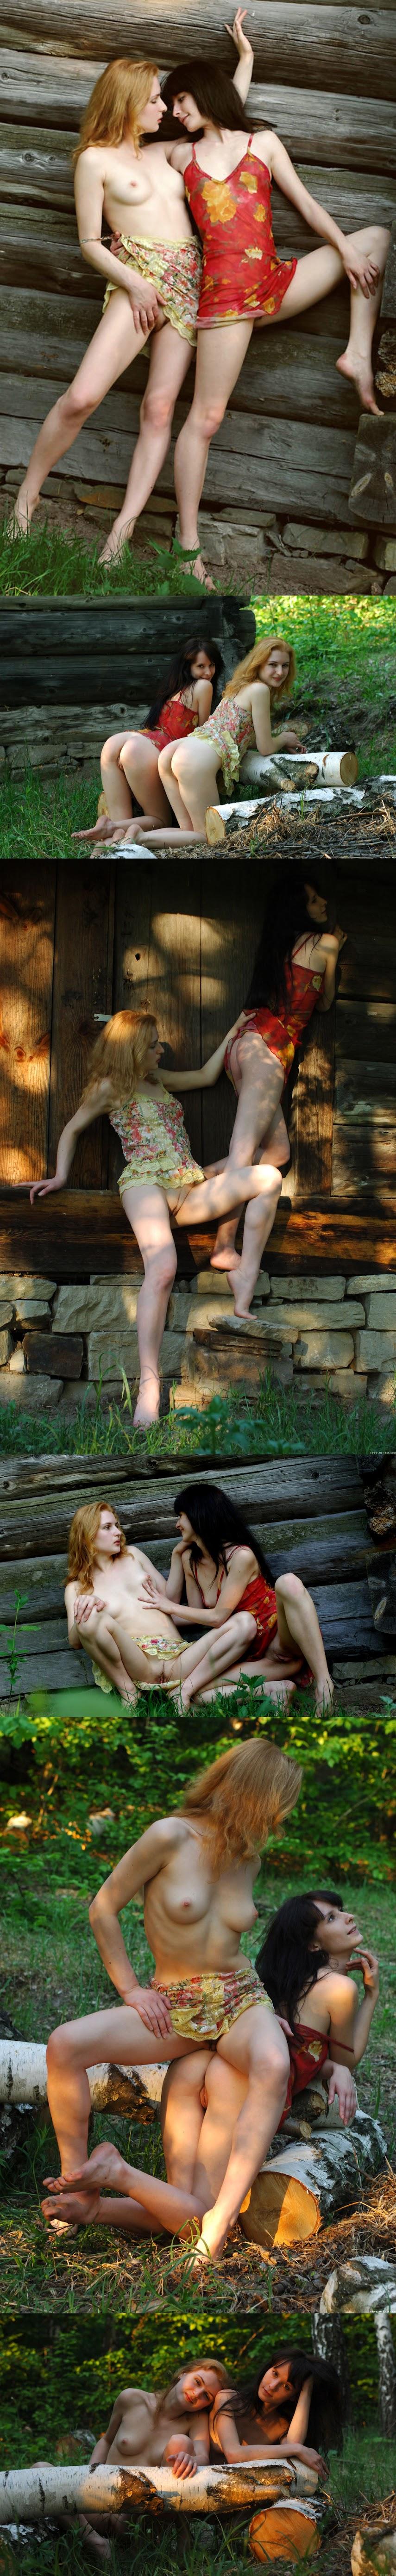 Met-Art MA 20080517 - Bella A  Ashanti A - Amicizie - by Ingret